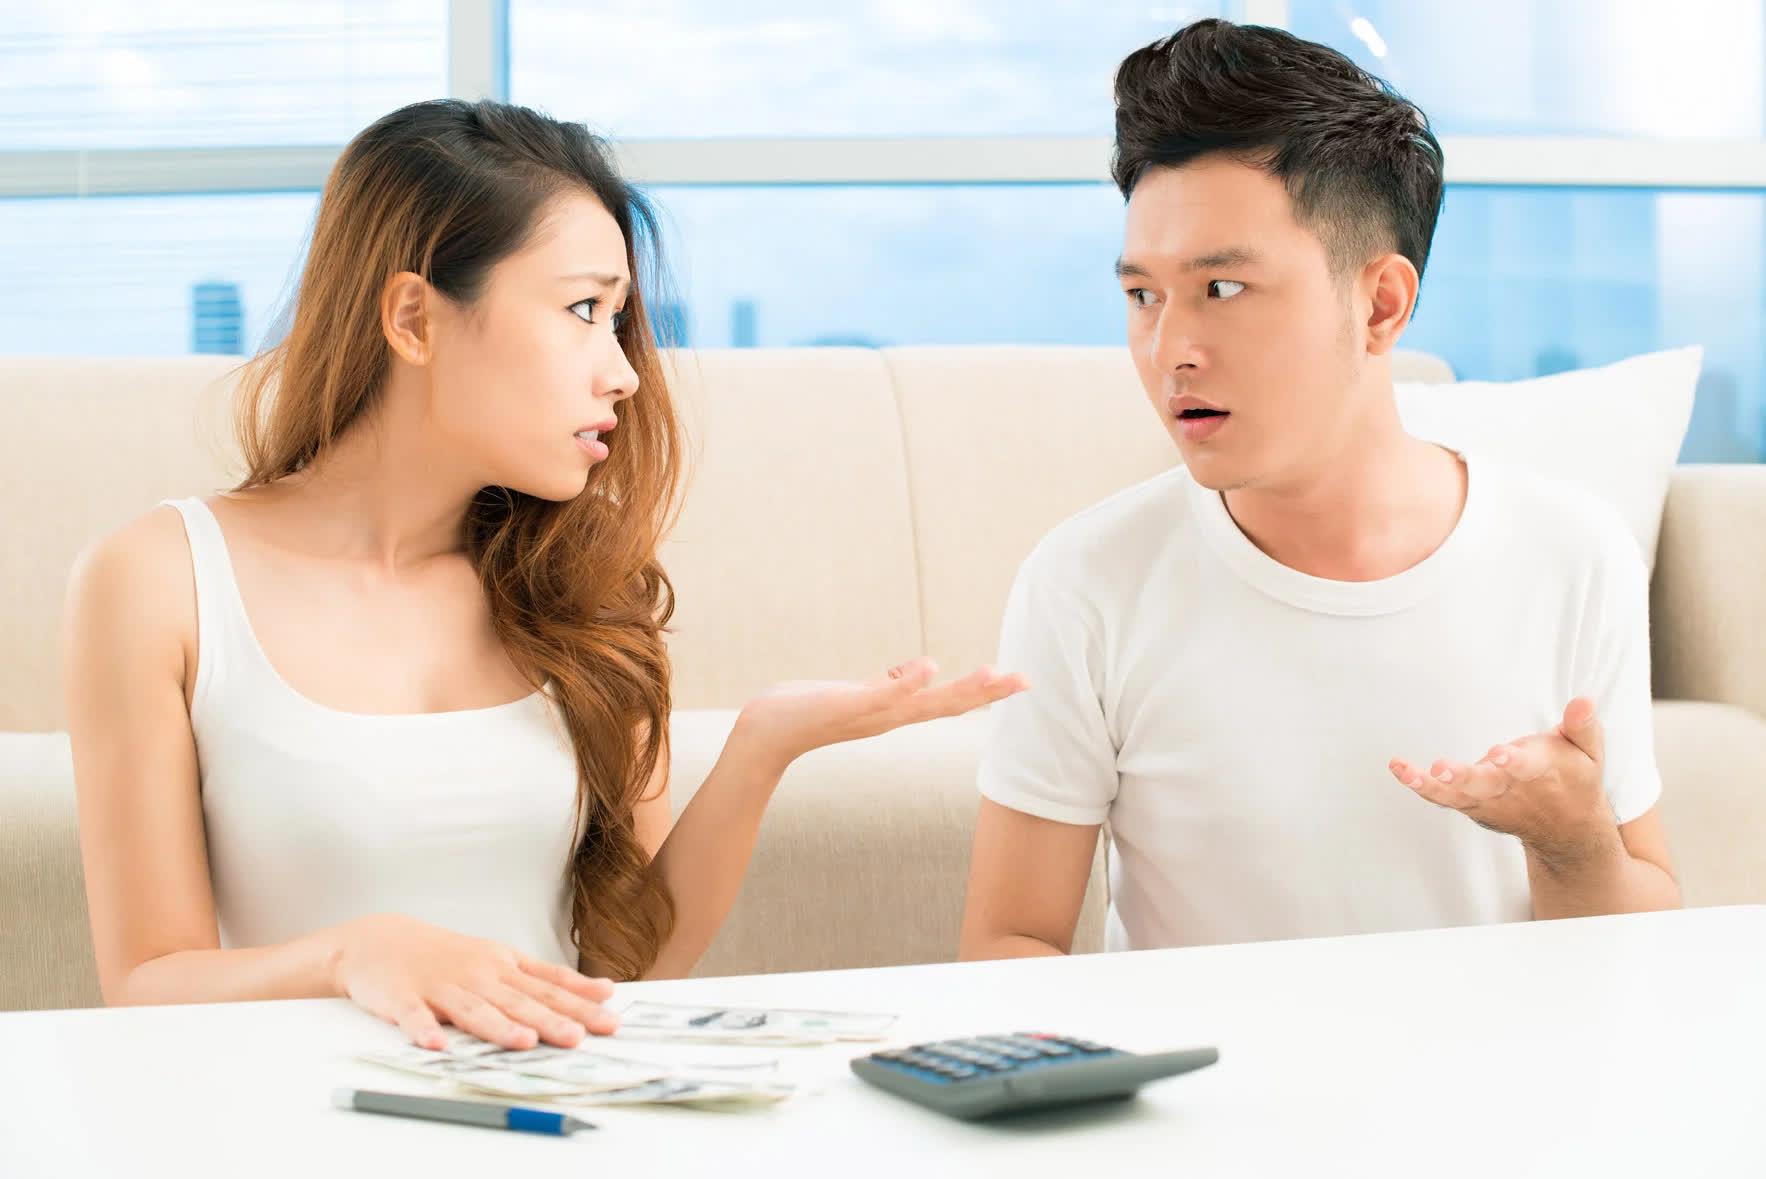 5 bí quyết giúp vợ chồng lắng nghe nhau, tránh mâu thuẫn, cãi vã suốt ngày - Ảnh 1